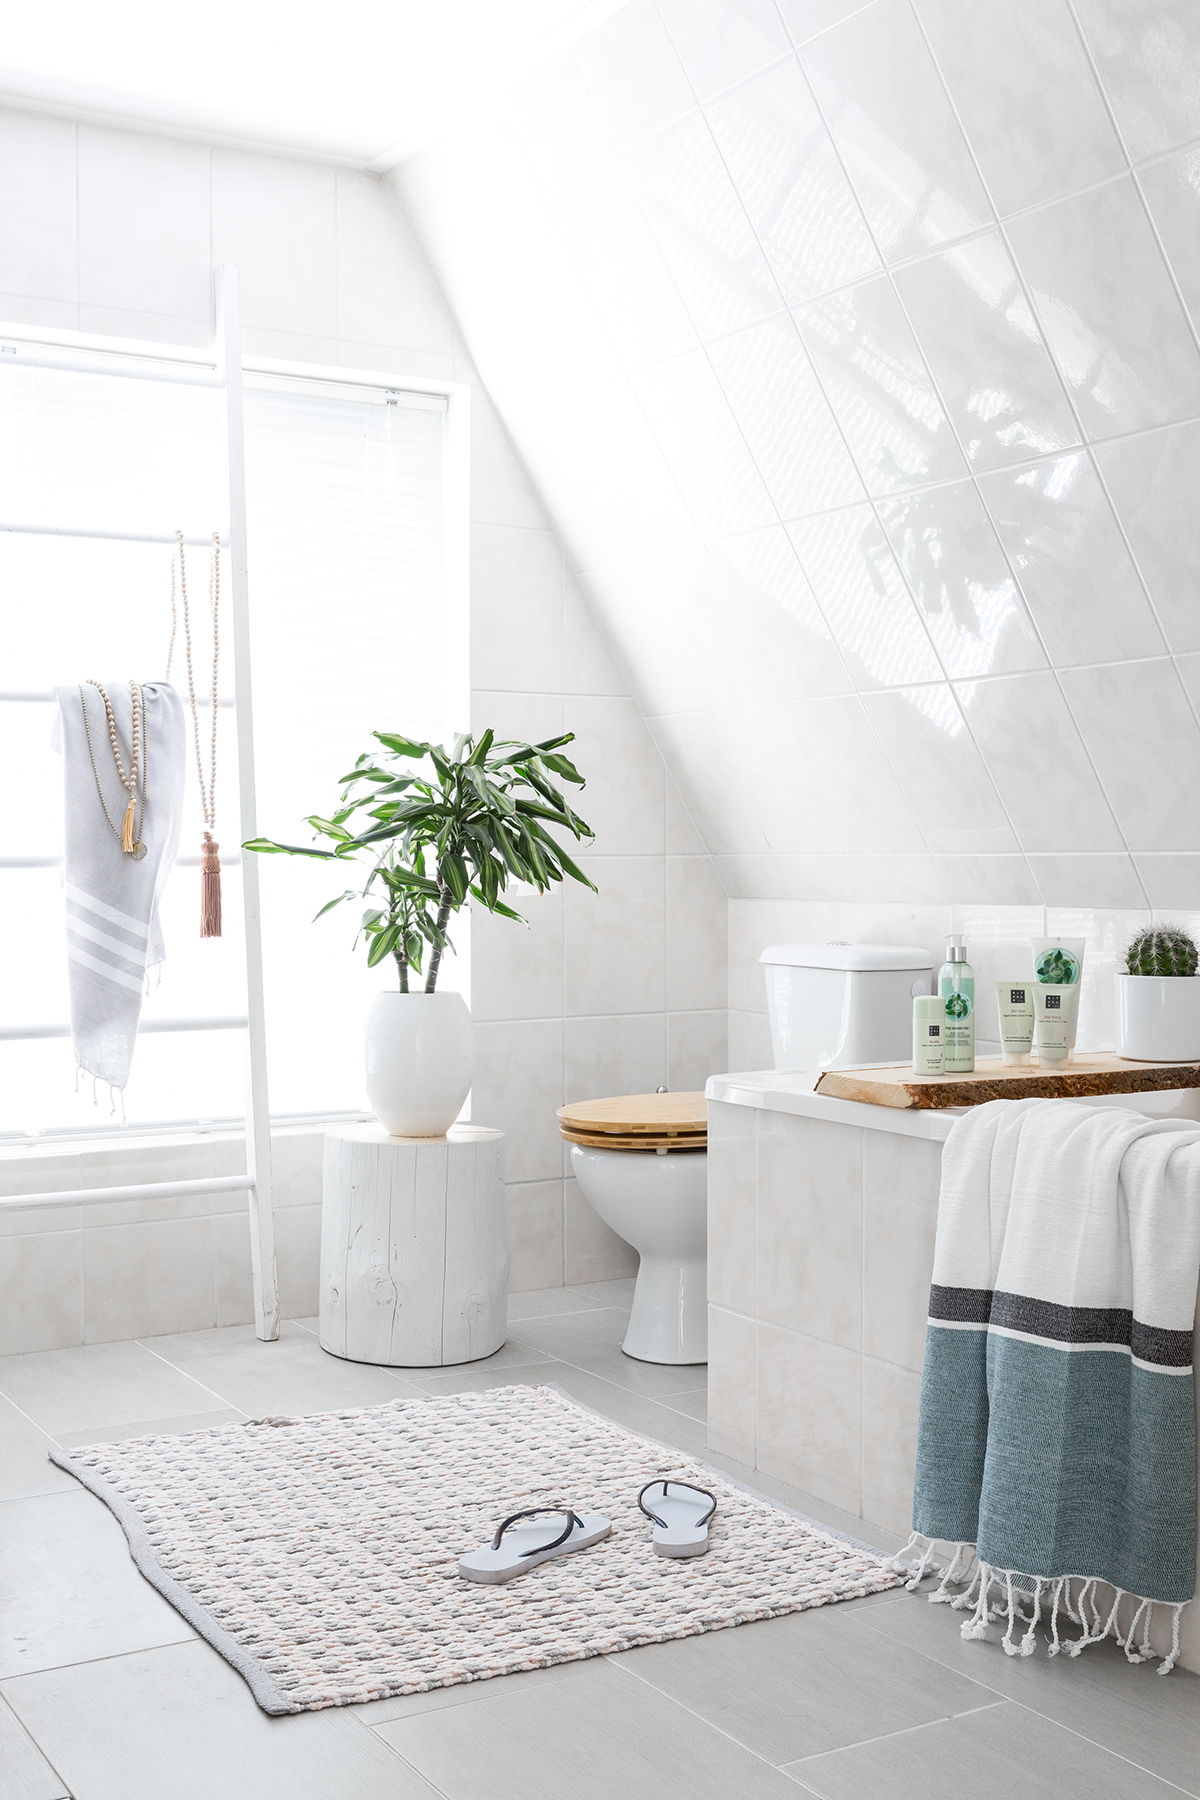 Badkamer ideeen - Binnenkijken in onze badkamer. Before & after!